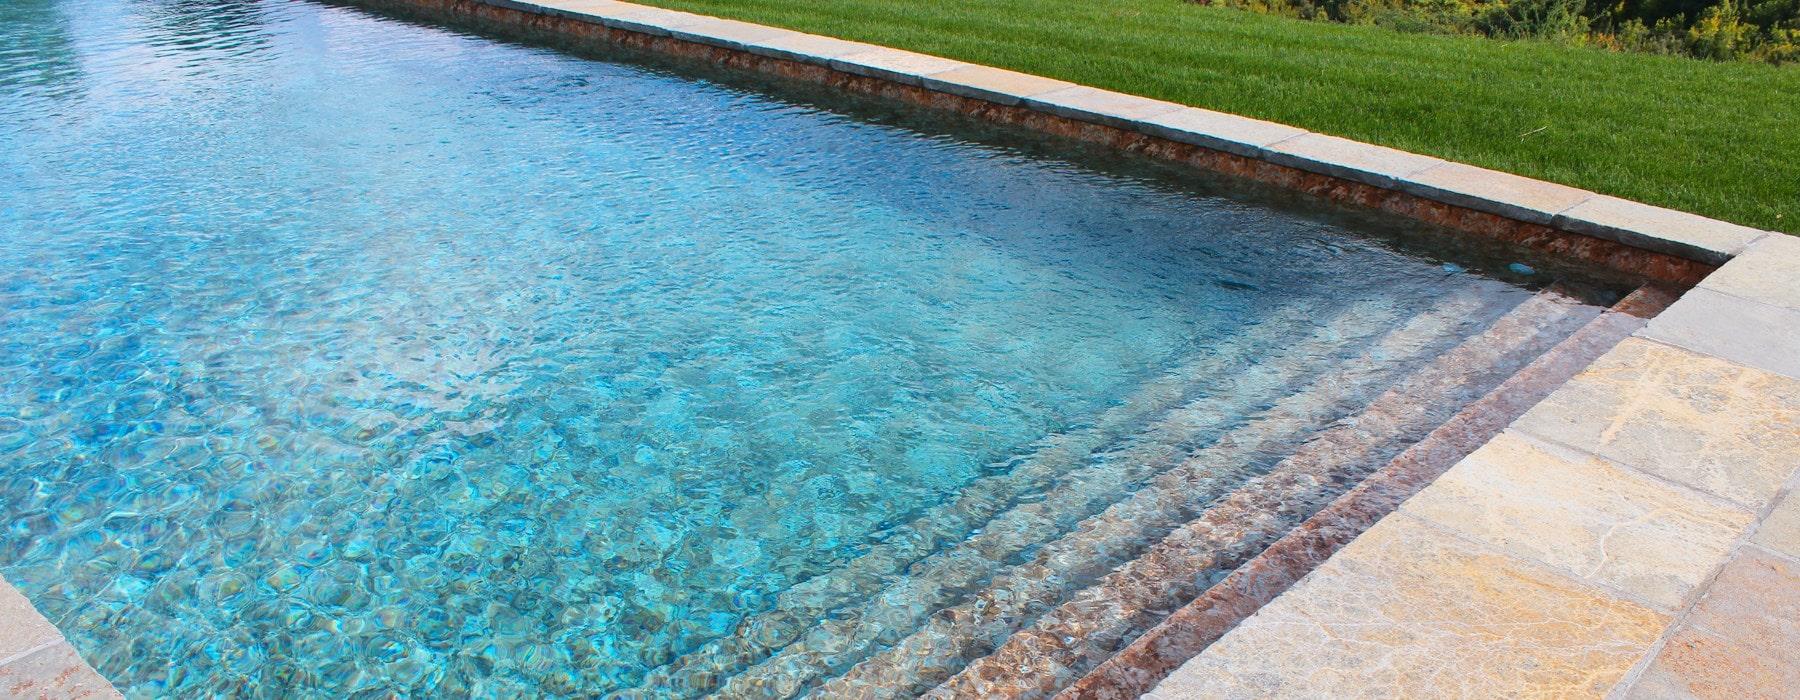 Piscine Da Giardino Interrate.Realizzazione Piscine Interrate In Toscana Garden Pool